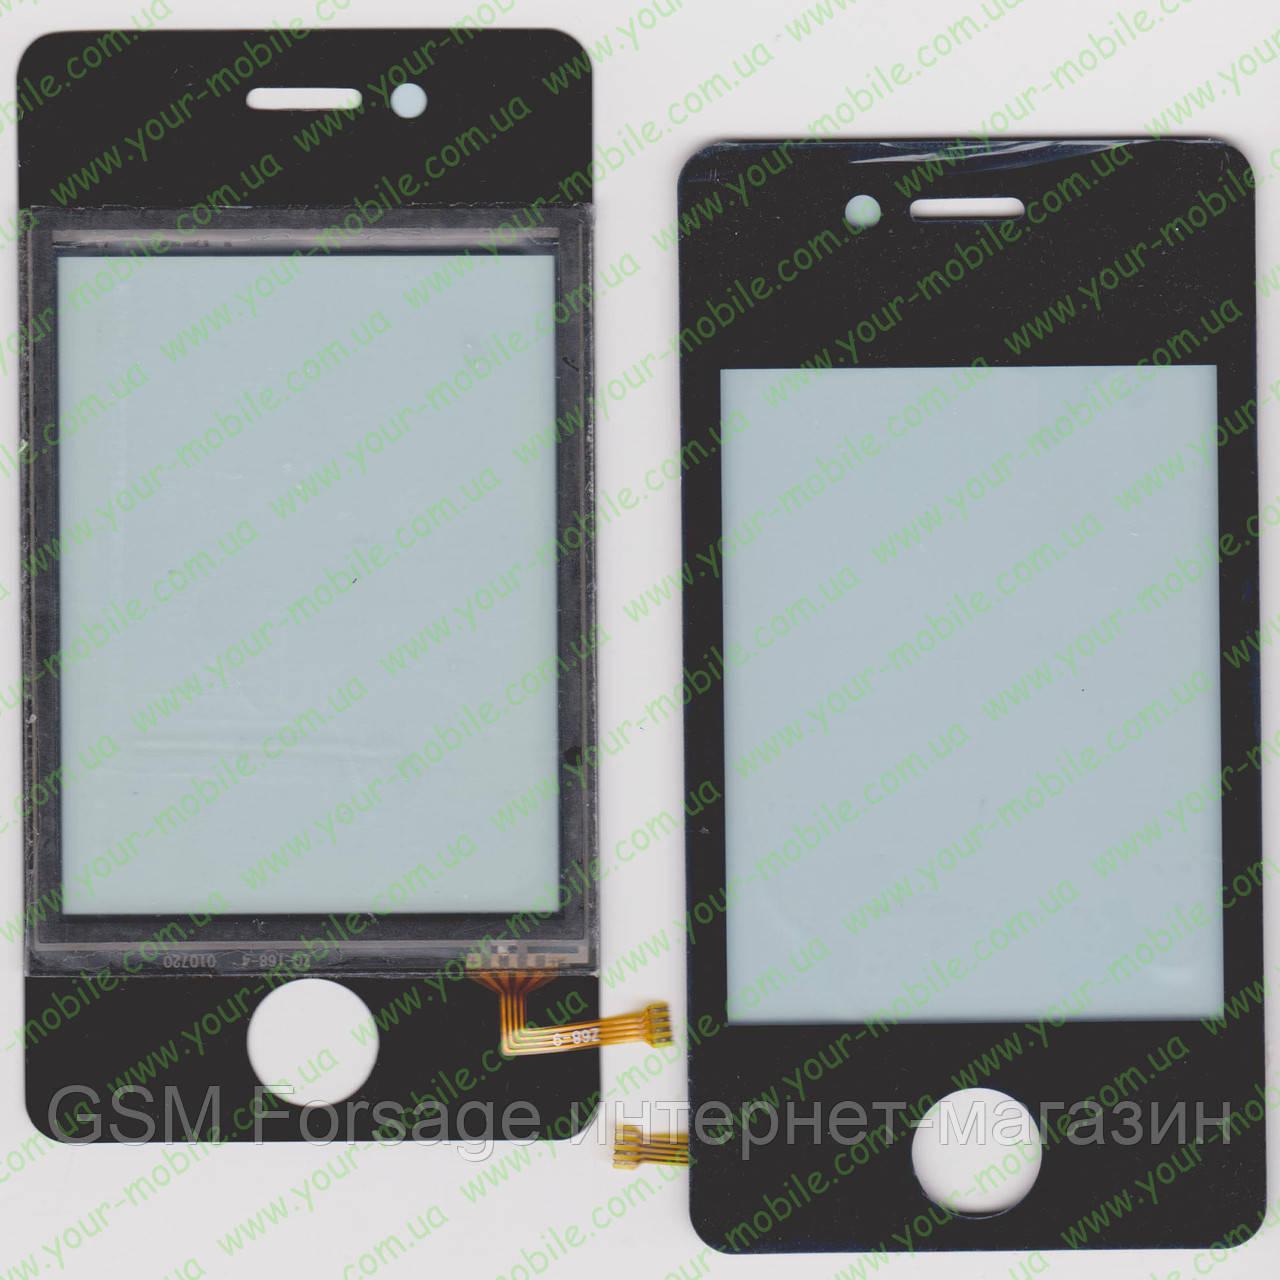 Тачскрин China iPhone 4G (1008)